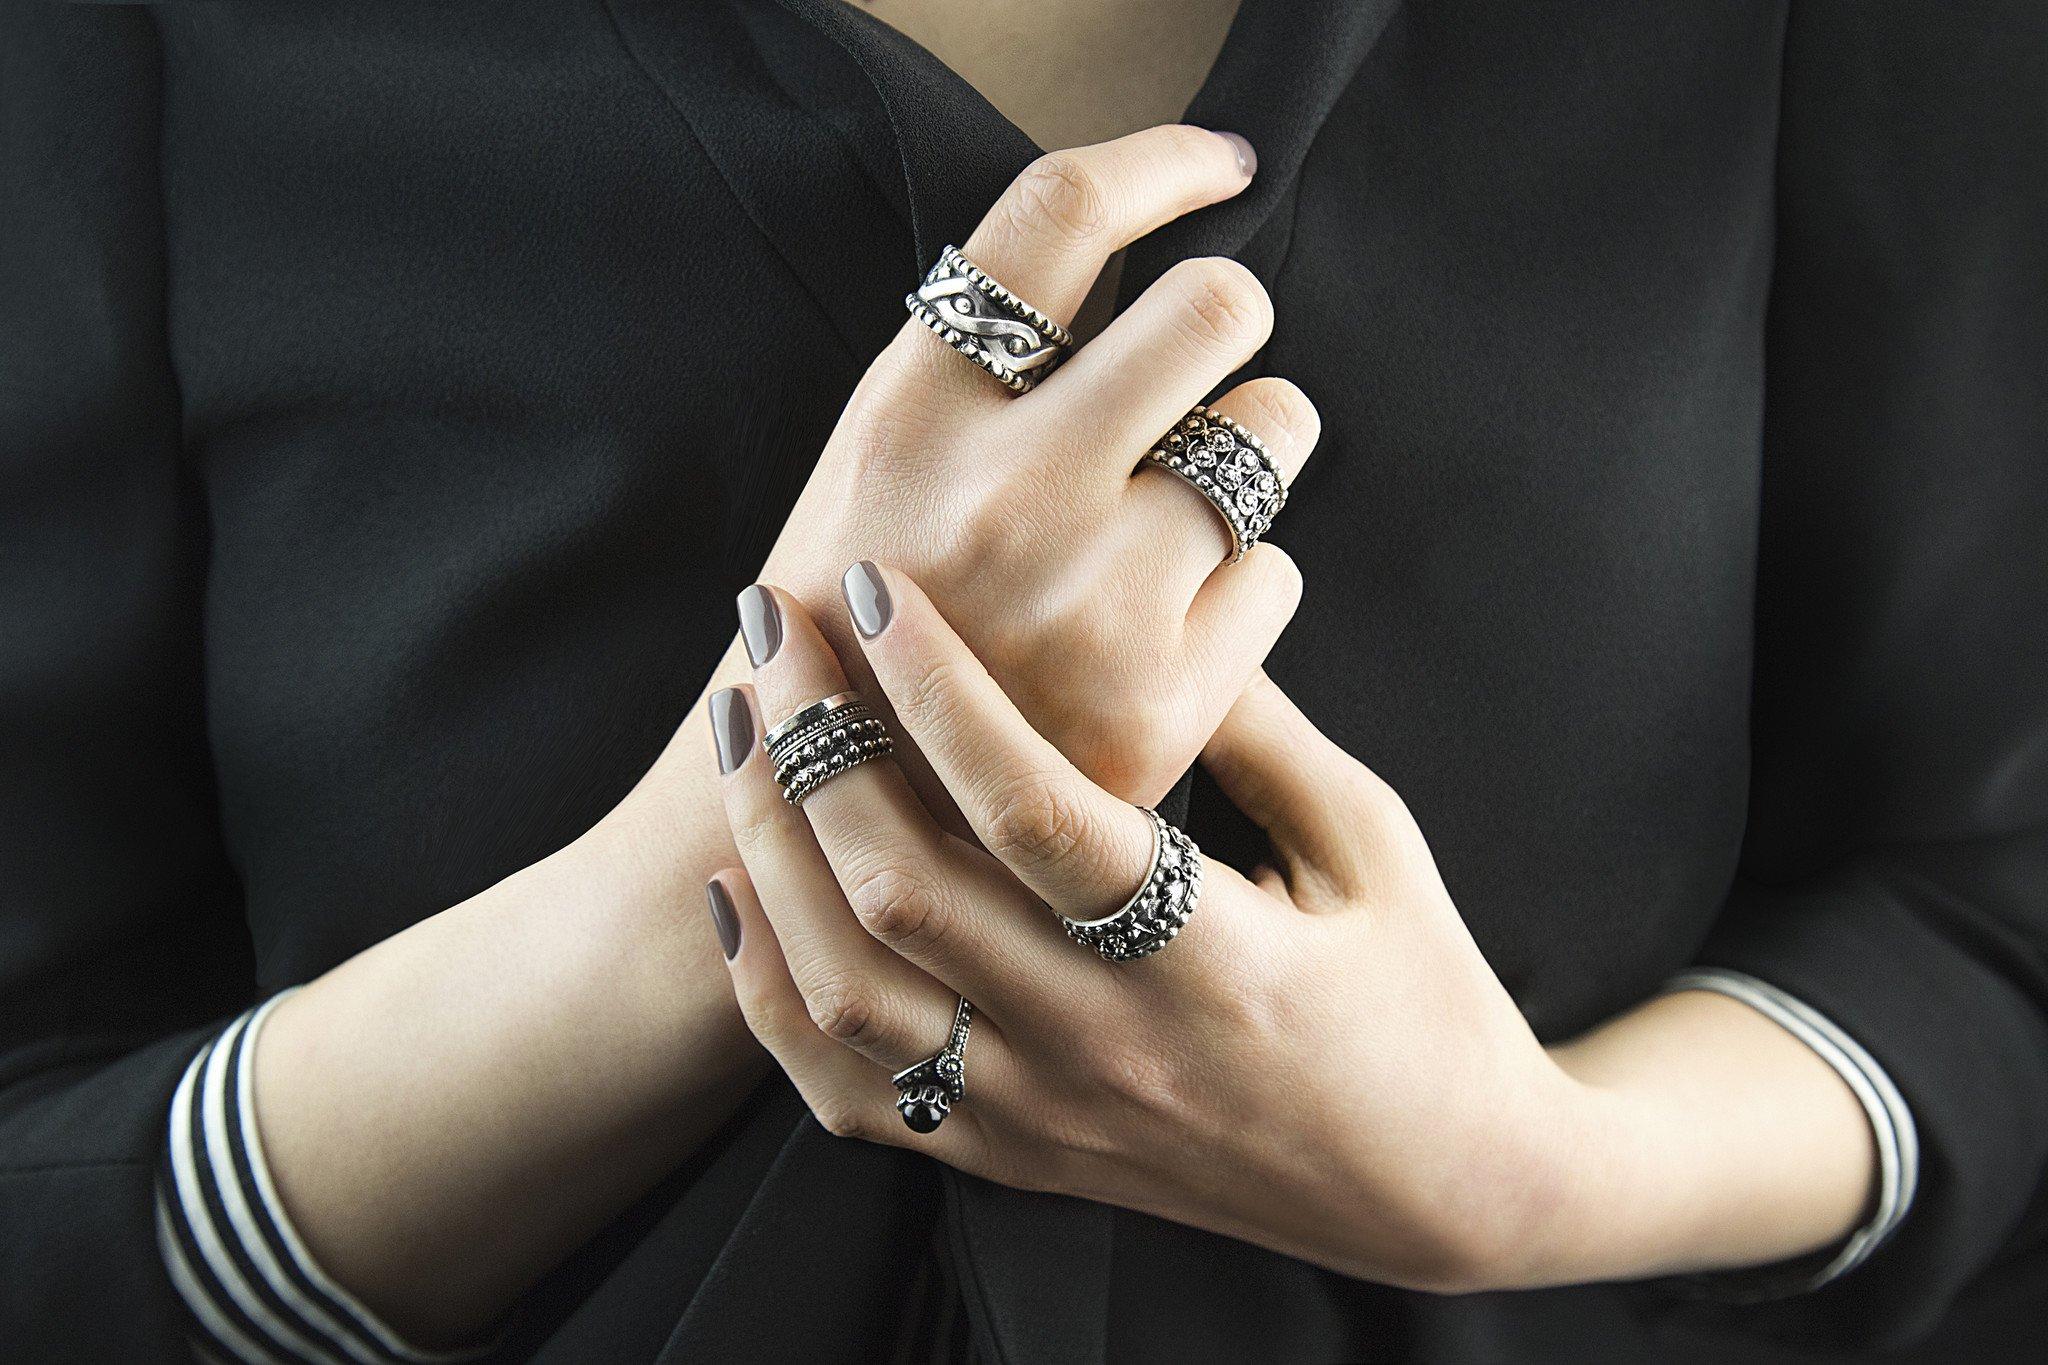 Дорого и богато: как носить кольца на пальцах для привлечения денег